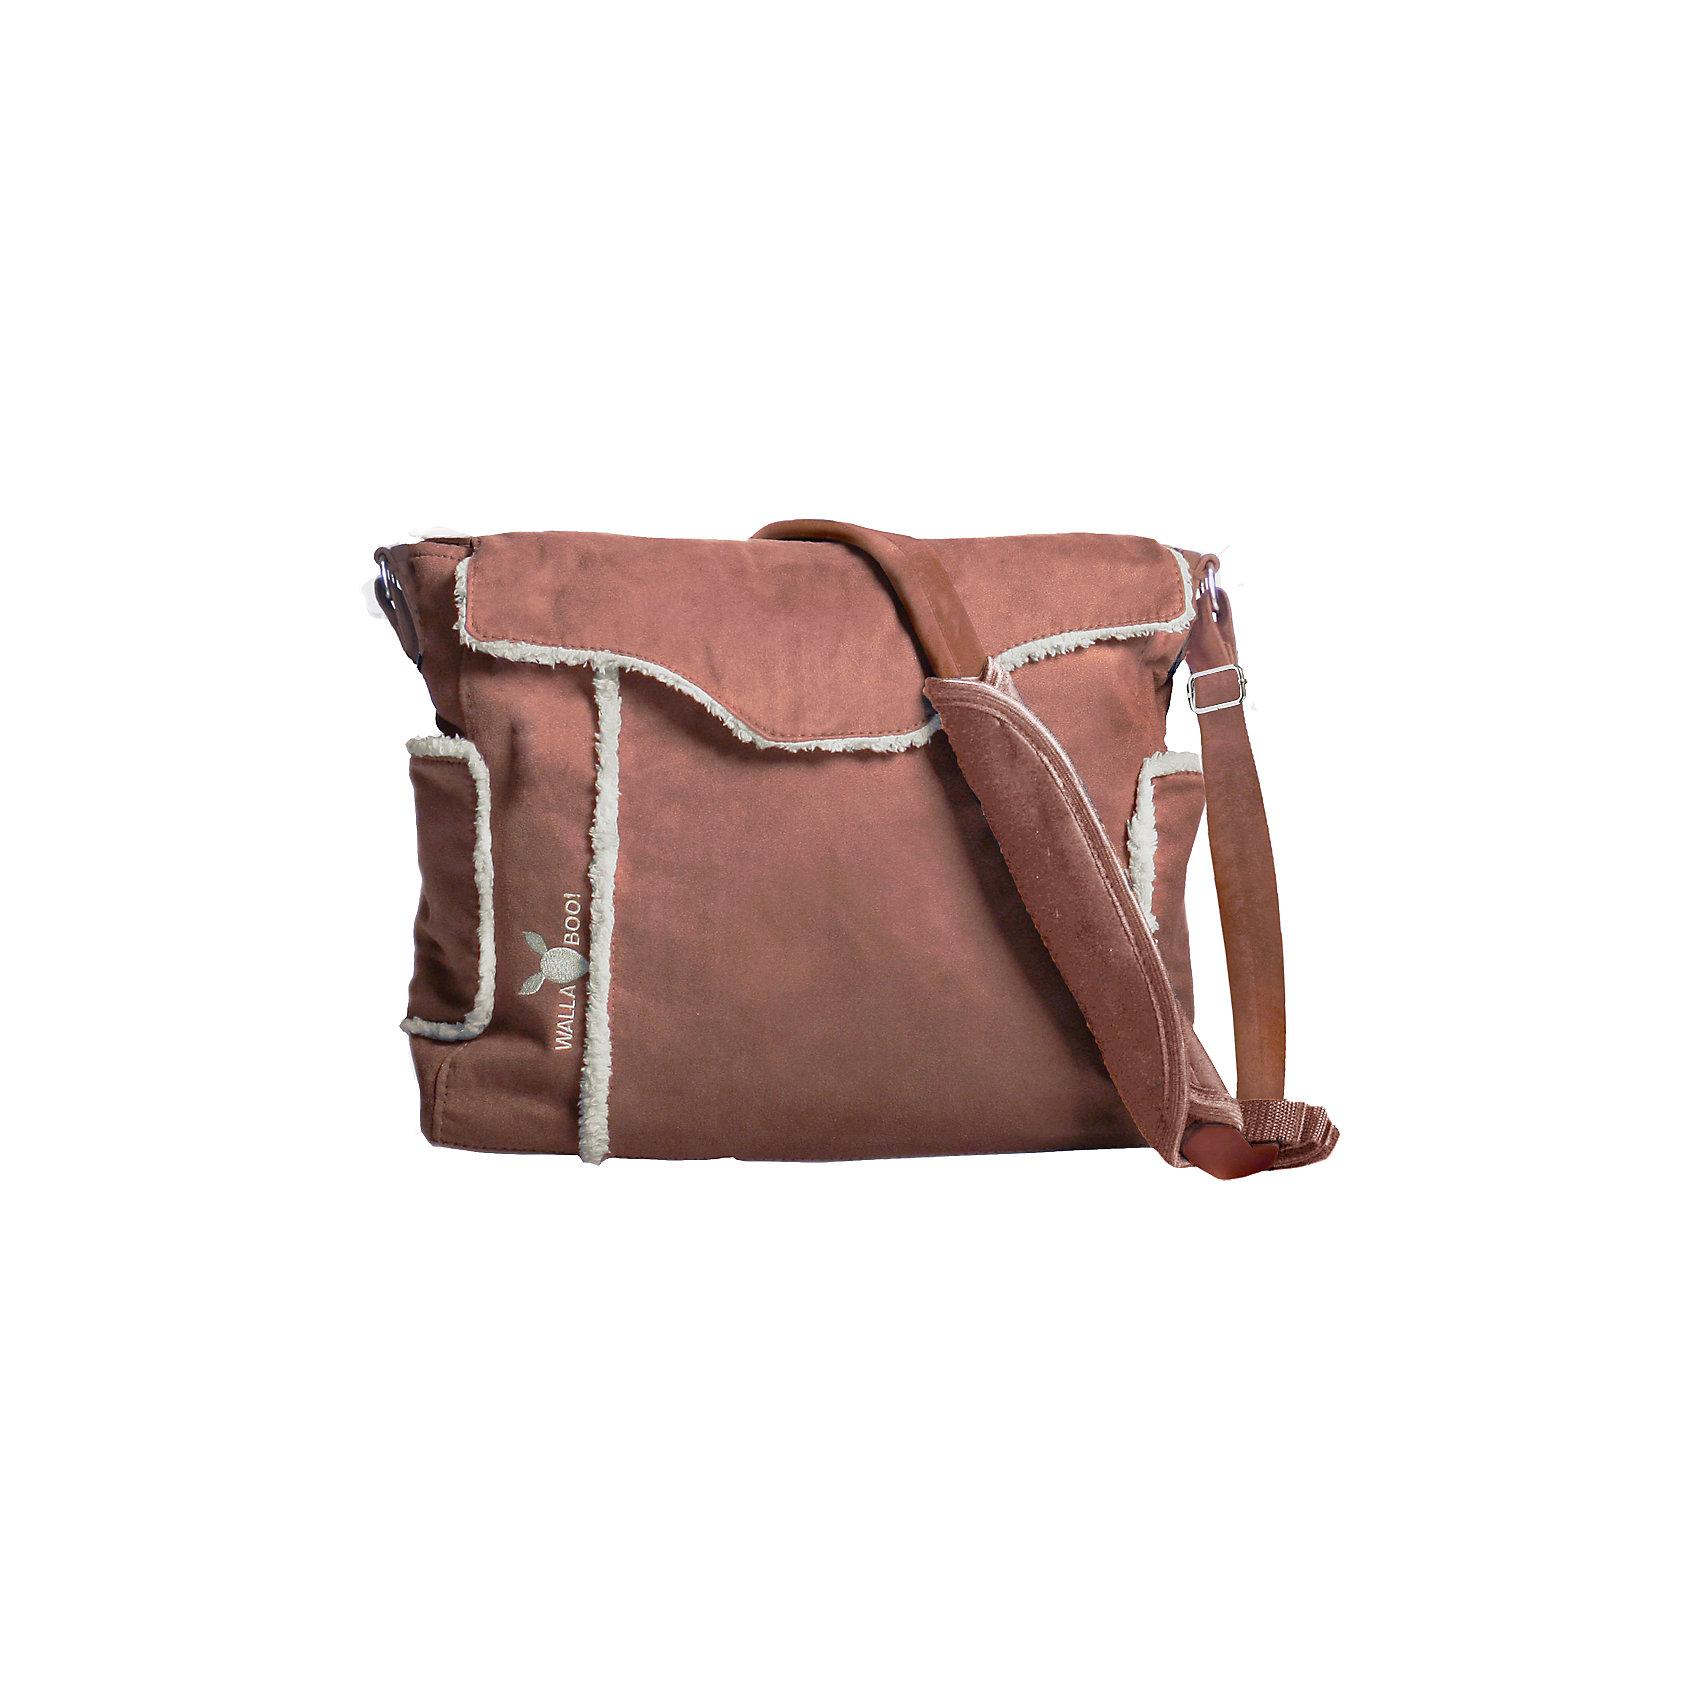 Сумка для мамы, Wallaboo, шоколадСумка для мамы, Wallaboo (Валлабу), шоколад – это не только практичный, но и модный аксессуар, дополняющий стильный женский образ.<br>Сумка для мамы, Wallaboo сделана из красивой микроволокнистой замши в сочетании с декоративной отделкой из искусственного меха под шкурку ягненка — эта сумка дополнит гардероб стильной и современной мамы. <br>Каждая вещь для ухода за Вашим малышом найдет свое место. У сумки 5 карманов с молниями и без, 2 больших внутренних отделения. Сумка отлично сочетается с другими товарами от Wallaboo для детей, составляя стильные комплекты (конверты Лепесток, слинги и рюкзаки-переноски). Можно носить сумку на плече или легко пристегнуть на ручку коляски. Вы не сможете расстаться с этой стильной и удобной сумкой, даже когда Ваш малыш подрастет. Высокое качество производства изделий Wallaboo (Валлабу) позволит пользоваться сумкой очень долго!<br><br>Дополнительная информация:<br><br>- В комплекте: термо-карман для бутылочки, мягкий матрасик для смены подгузника, отдельная сумочка на «молнии» (можно использовать для чистых подгузников)<br>- Регулируемый ремень с мягкой вставкой для плеча<br>- Непромокаемая внутренняя подкладка идеальна в уходе<br>- Размеры: 36 см х 30 см х 12 см.<br>- Размеры в упаковке: 40х32х7 см.<br>- Вес изделия с упаковкой: 0,920 кг.<br><br>Сумку для мамы, Wallaboo (Валлабу), шоколад можно купить в нашем интернет-магазине.<br><br>Ширина мм: 400<br>Глубина мм: 320<br>Высота мм: 70<br>Вес г: 850<br>Цвет: шоколадный<br>Возраст от месяцев: 0<br>Возраст до месяцев: 36<br>Пол: Унисекс<br>Возраст: Детский<br>SKU: 3973310